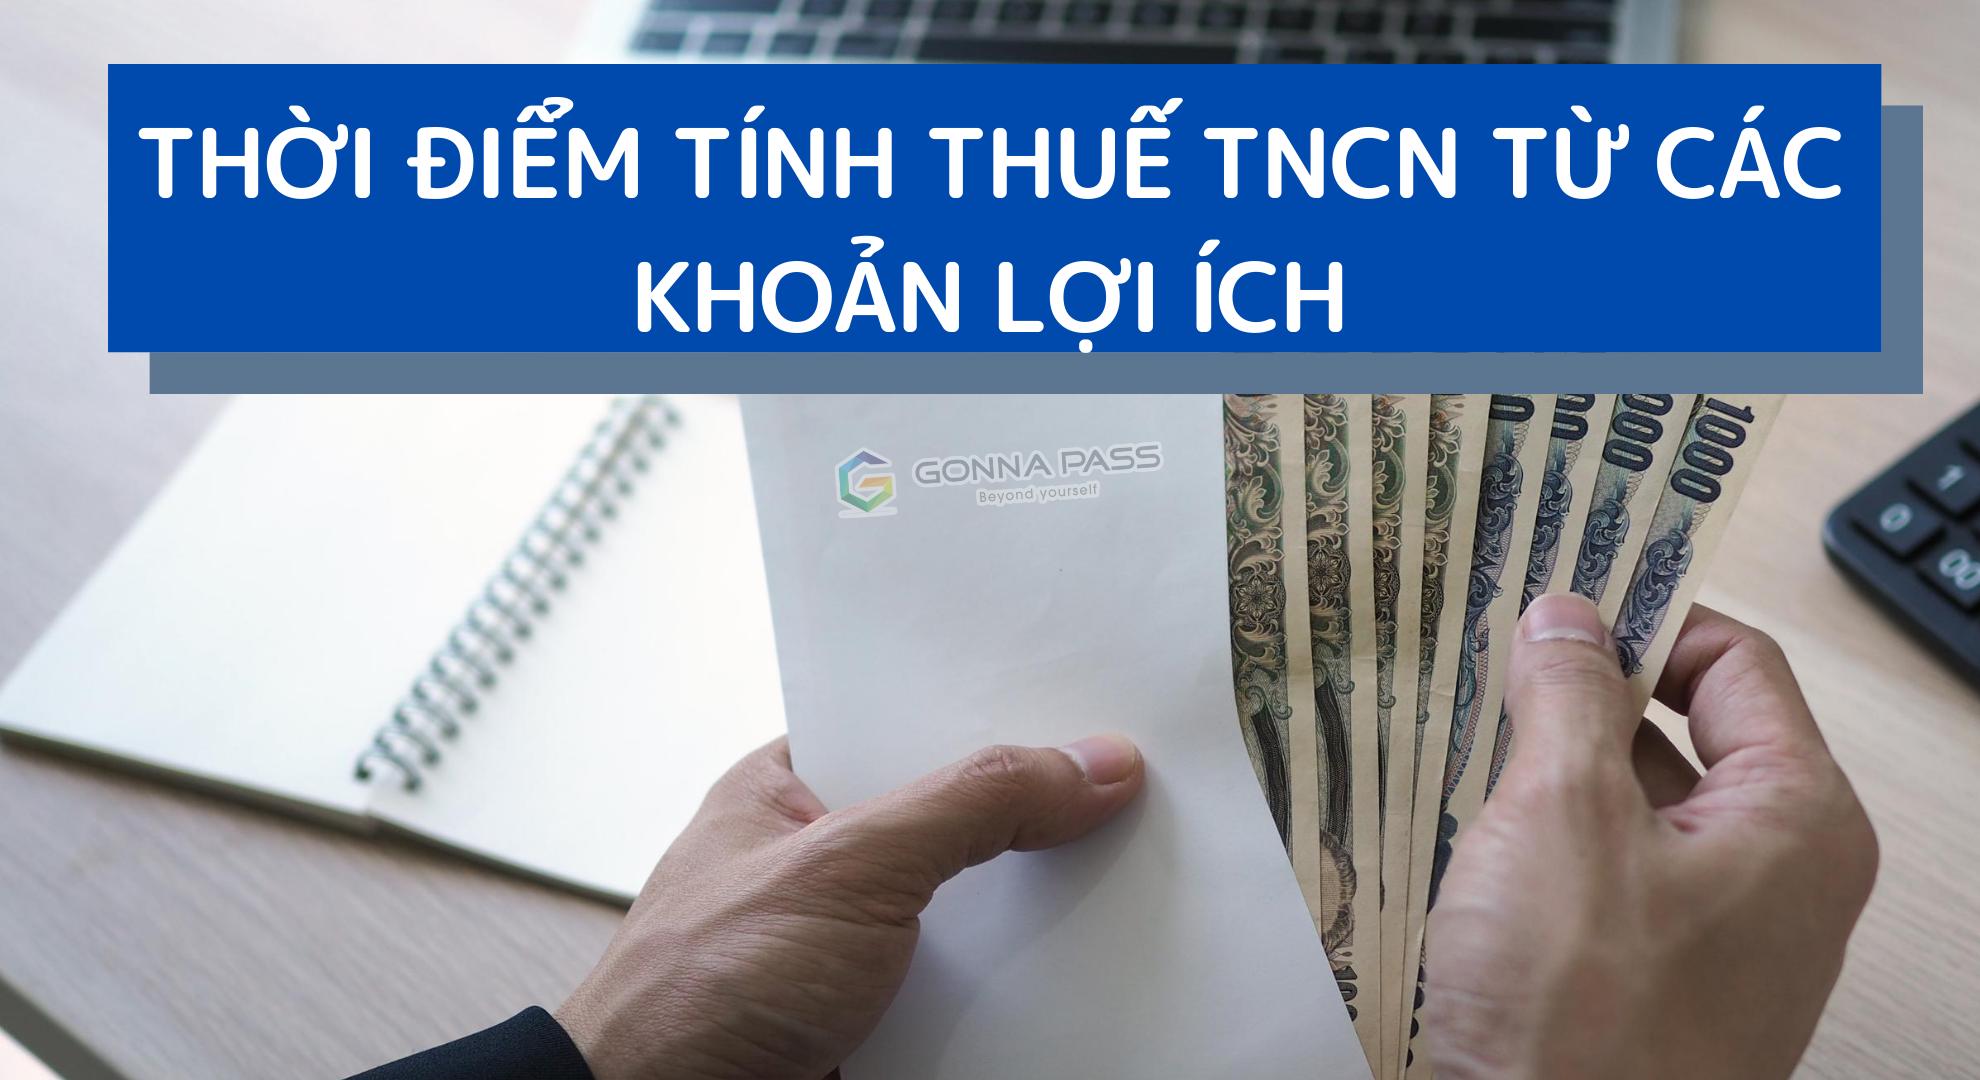 Thời điểm tính thuế TNCN từ các khoản lợi ích